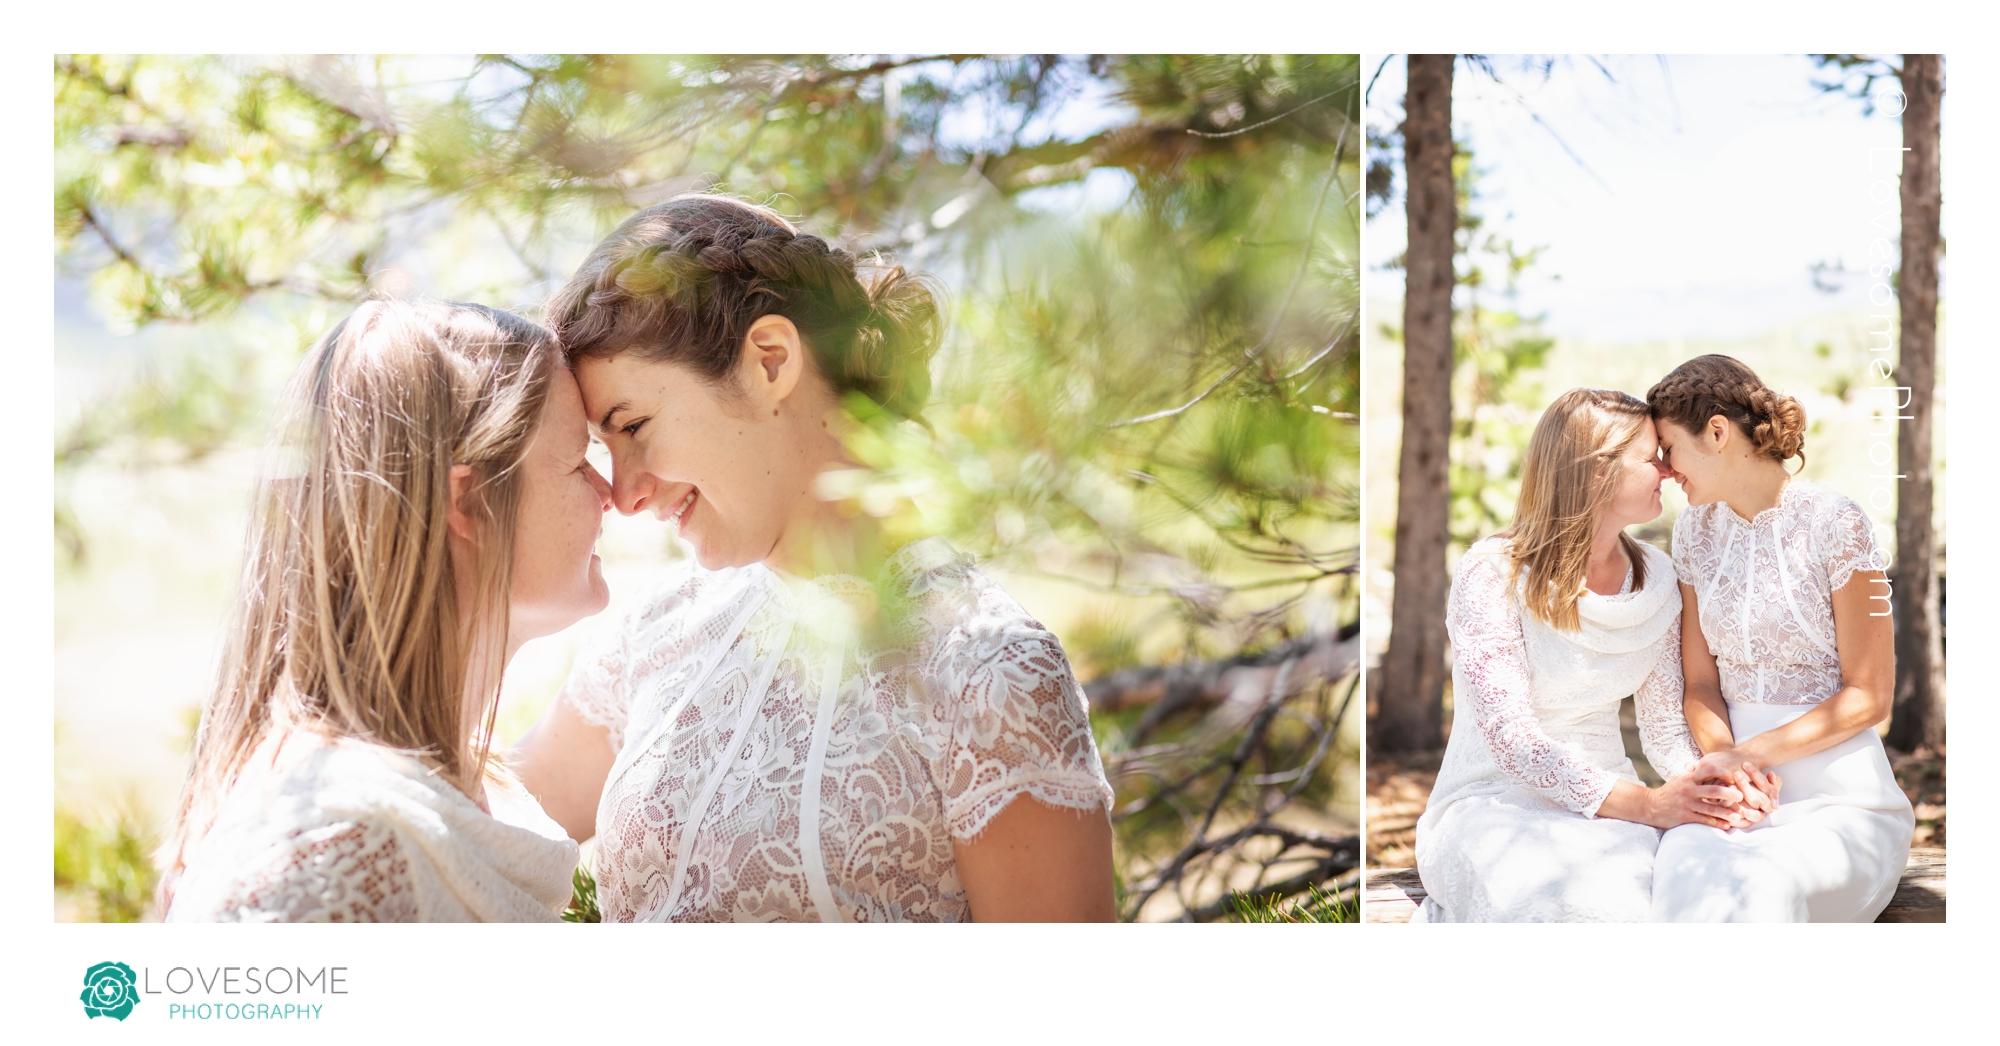 Sarah & Sarah Blog 19.jpg